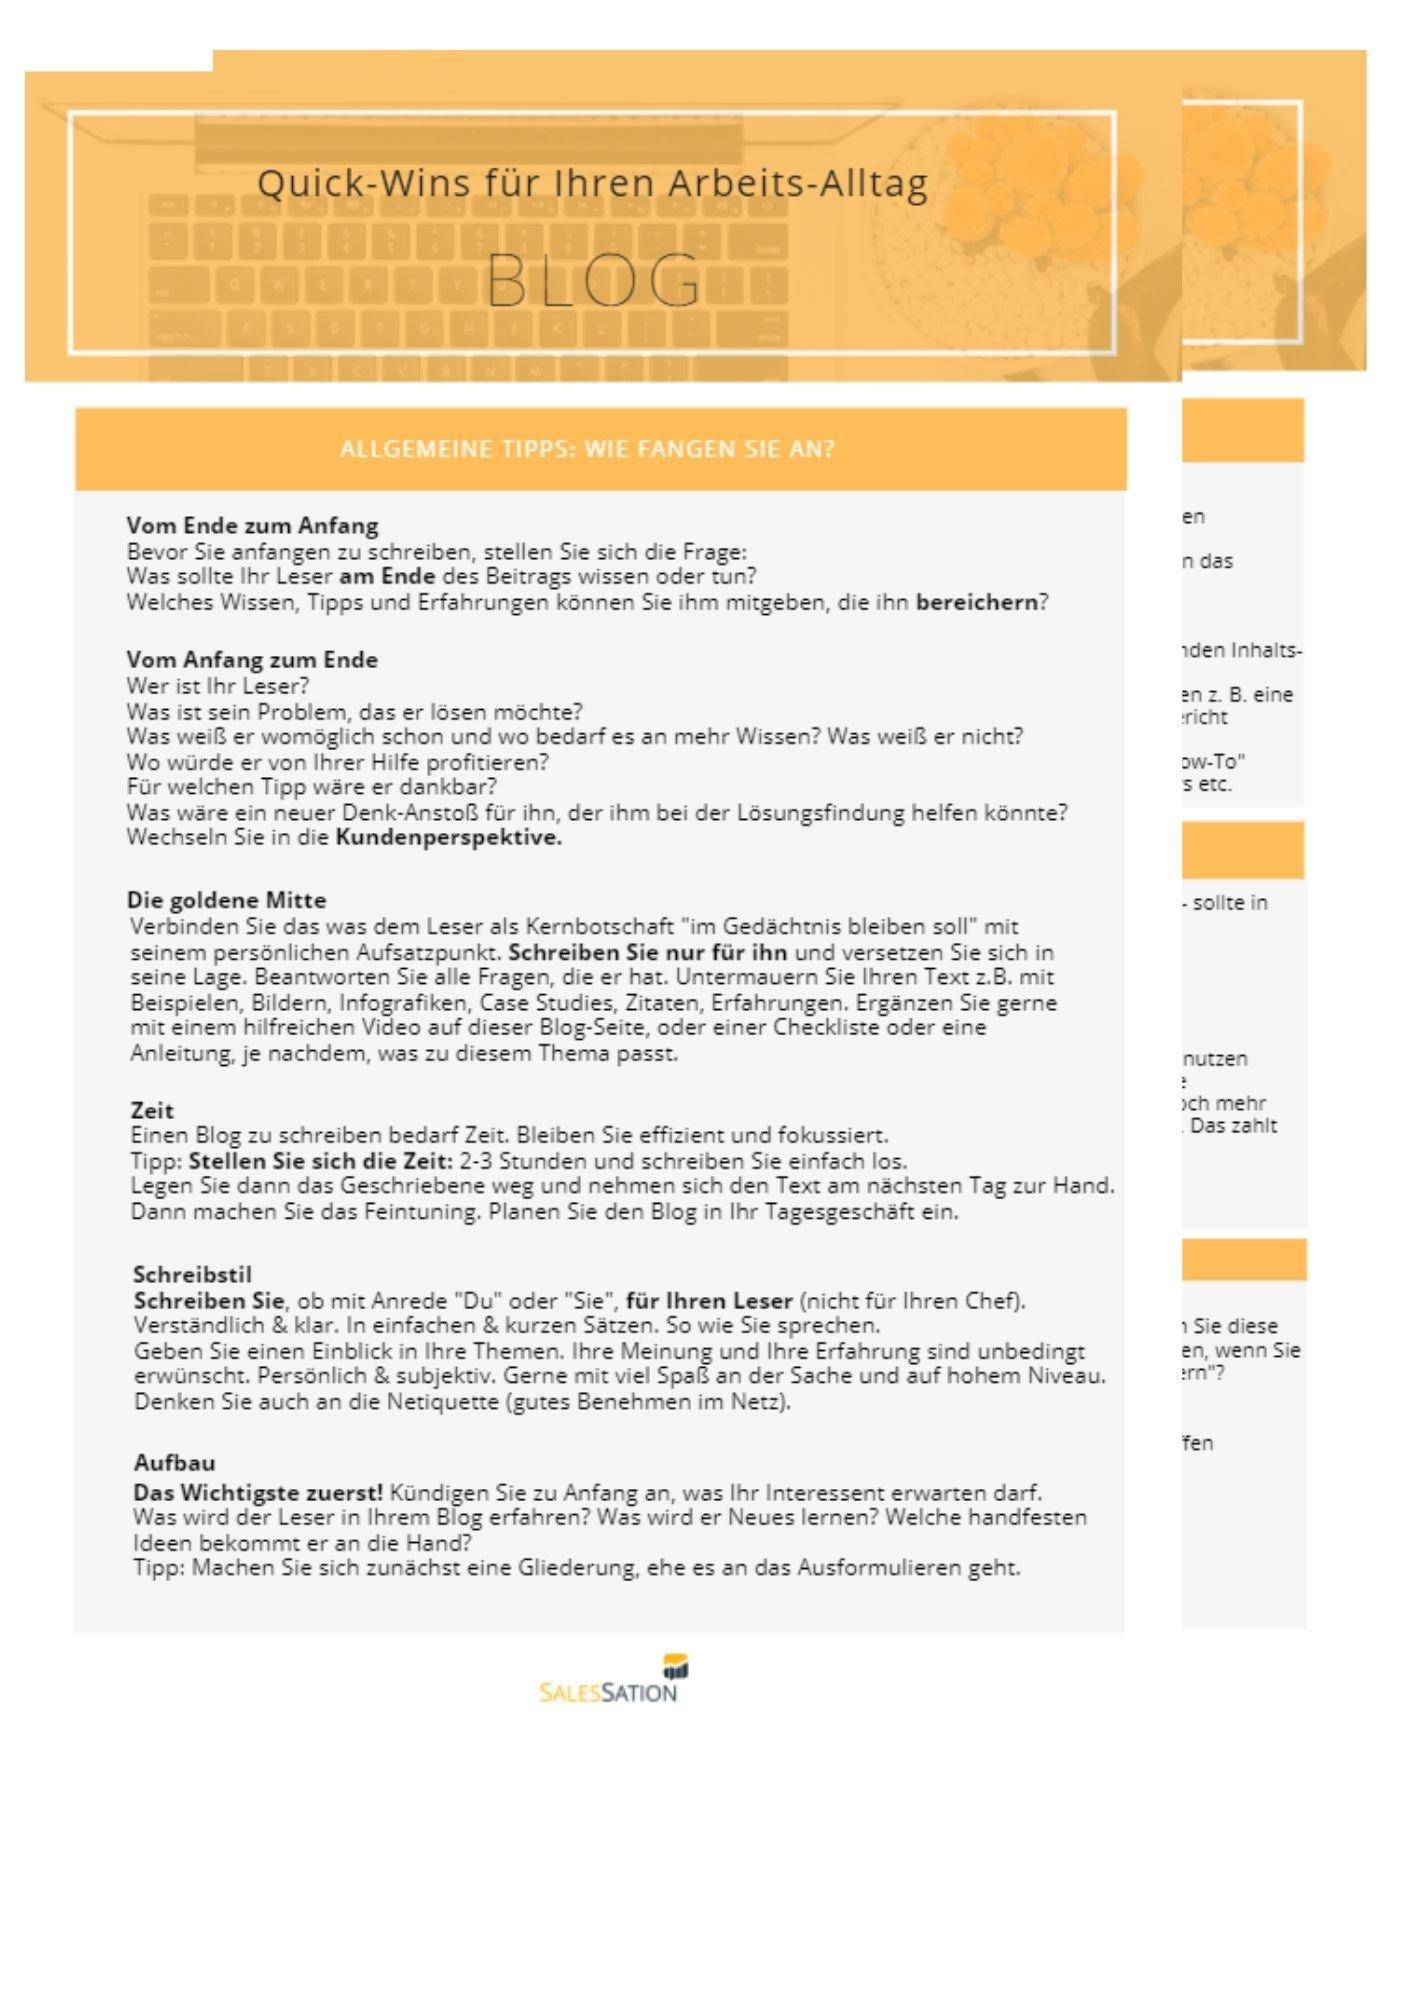 Blog-Wie-anfange-Checkliste-SalesSation-2